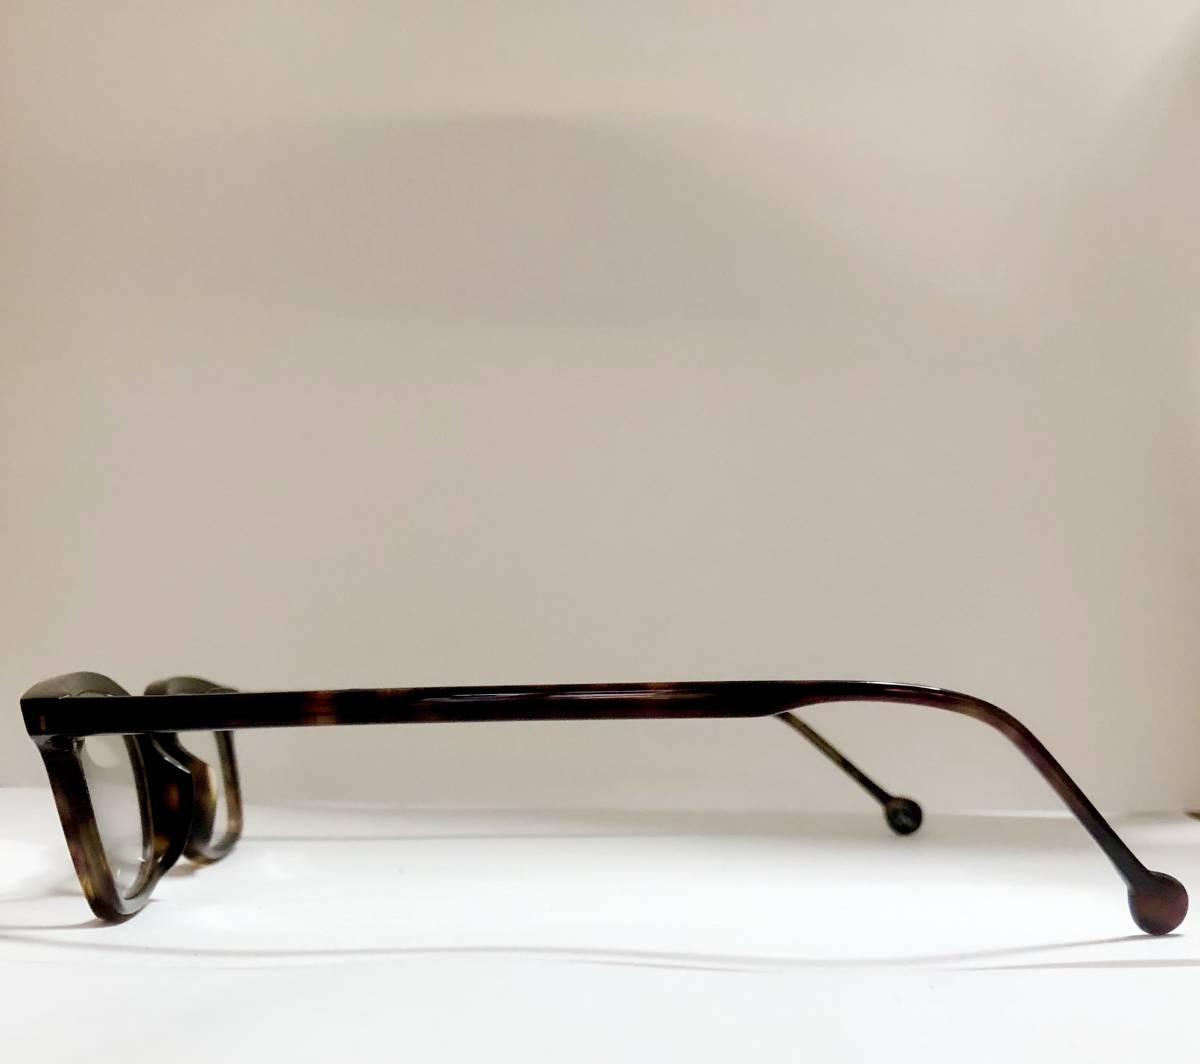 ビンテージ・未使用】1990年代 l.a. Eyeworks イタリア製 べっ甲色 高級メガネ エルエーアイワークス /ヴィンテージ 米国ブランド_画像5